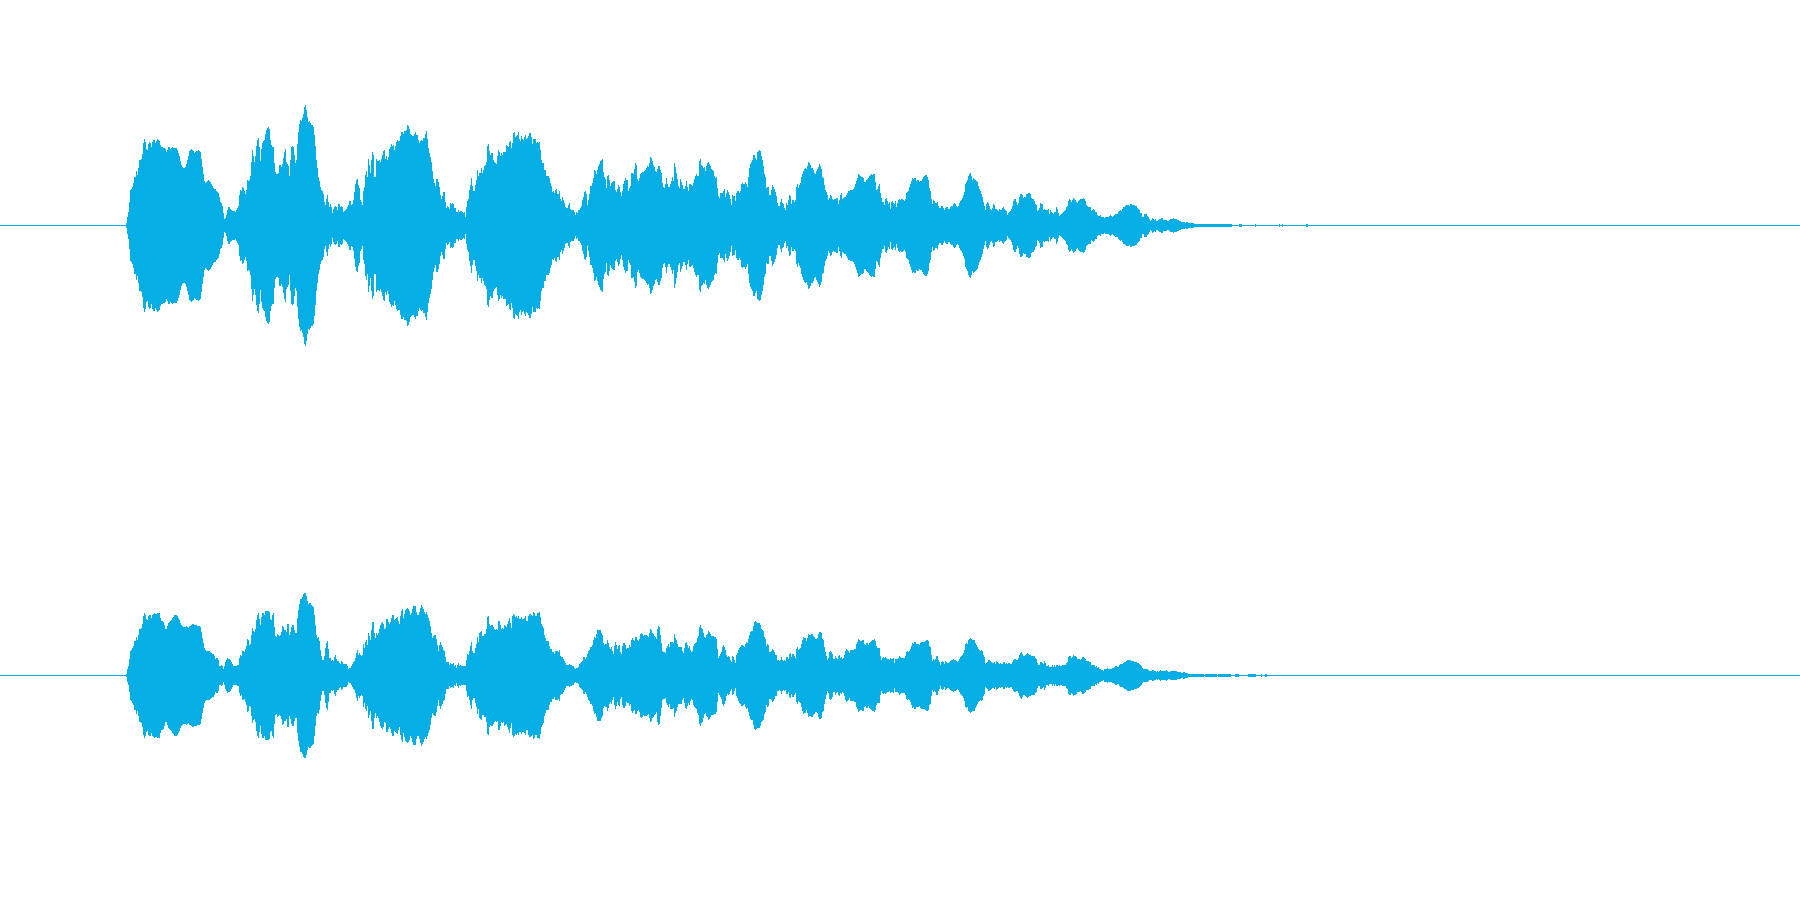 ファンファンファーン(残念、失敗)の再生済みの波形